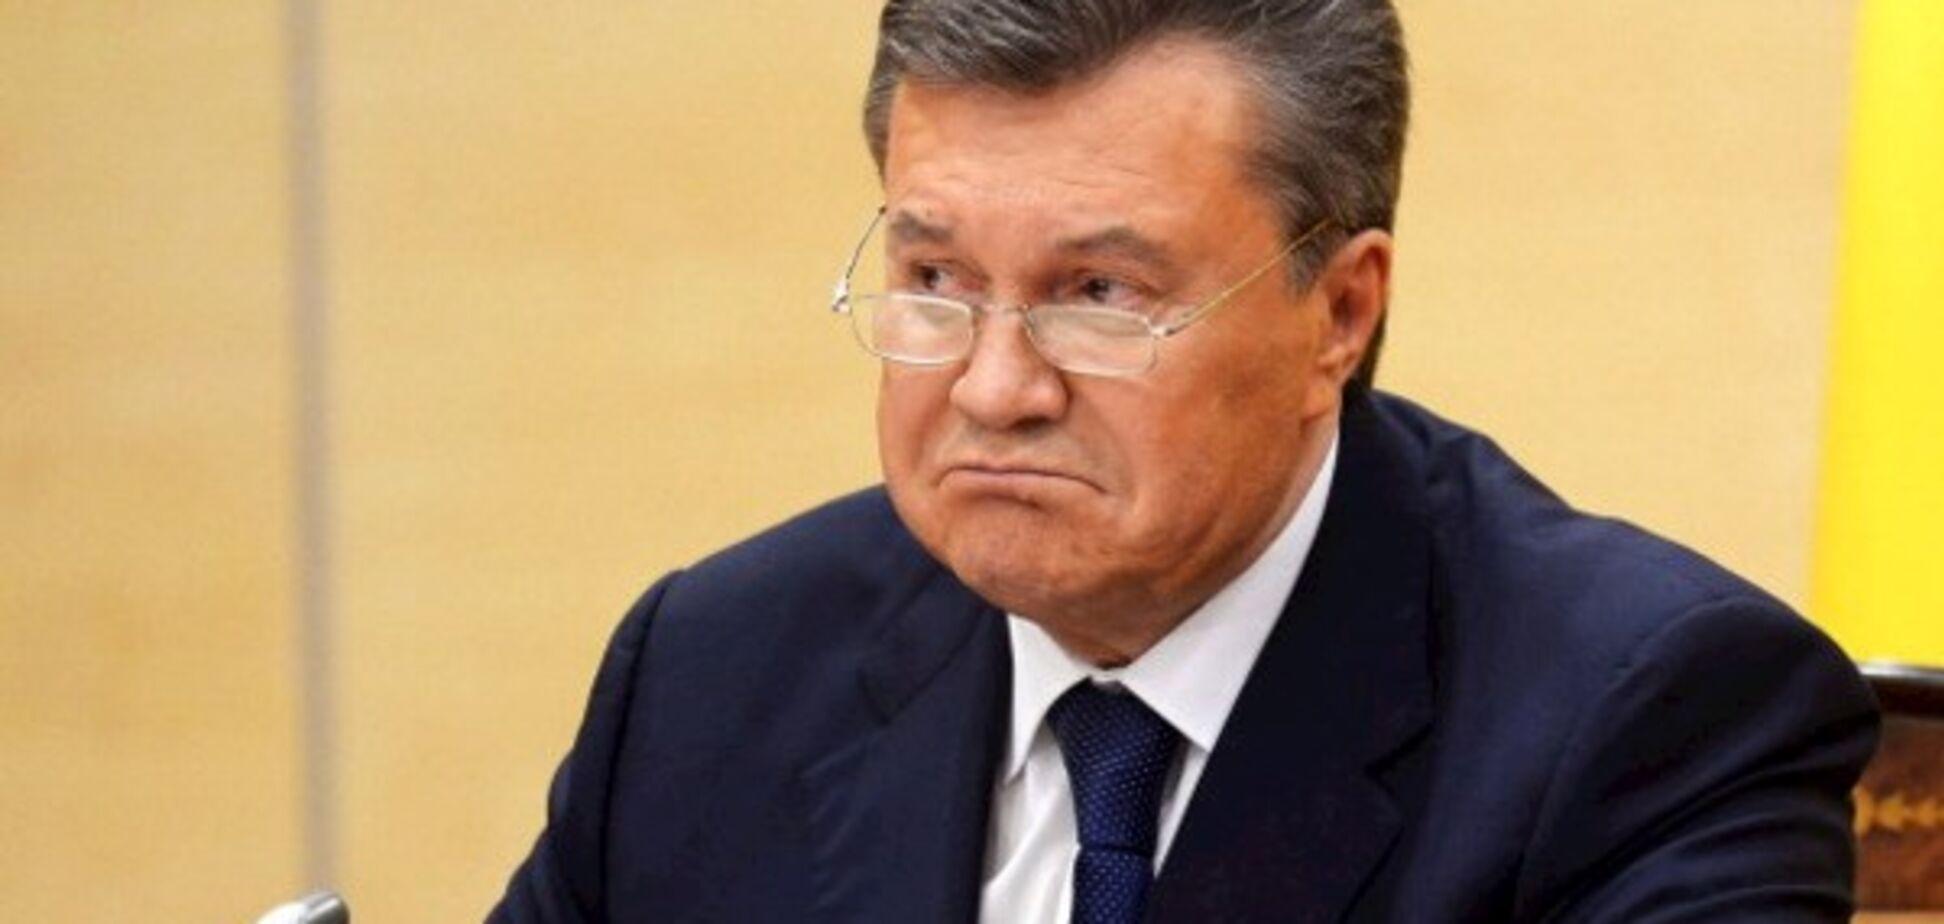 Втеча Януковича в Росію: екс-глава ВМС розповів, як це було